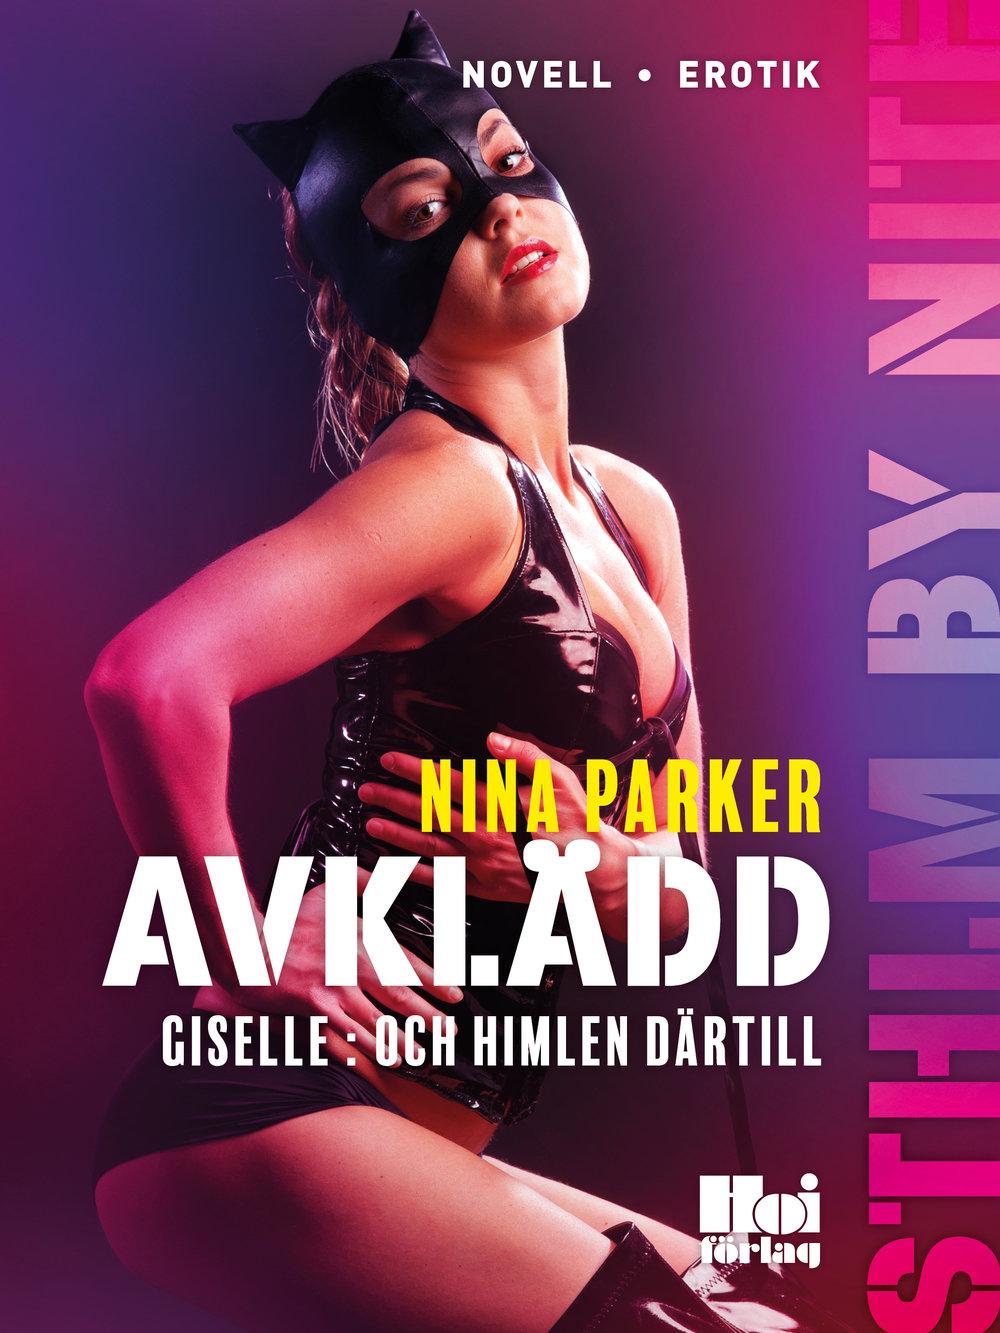 E-bok Avklädd - Giselle : Och himlen därtill av Nina Parker